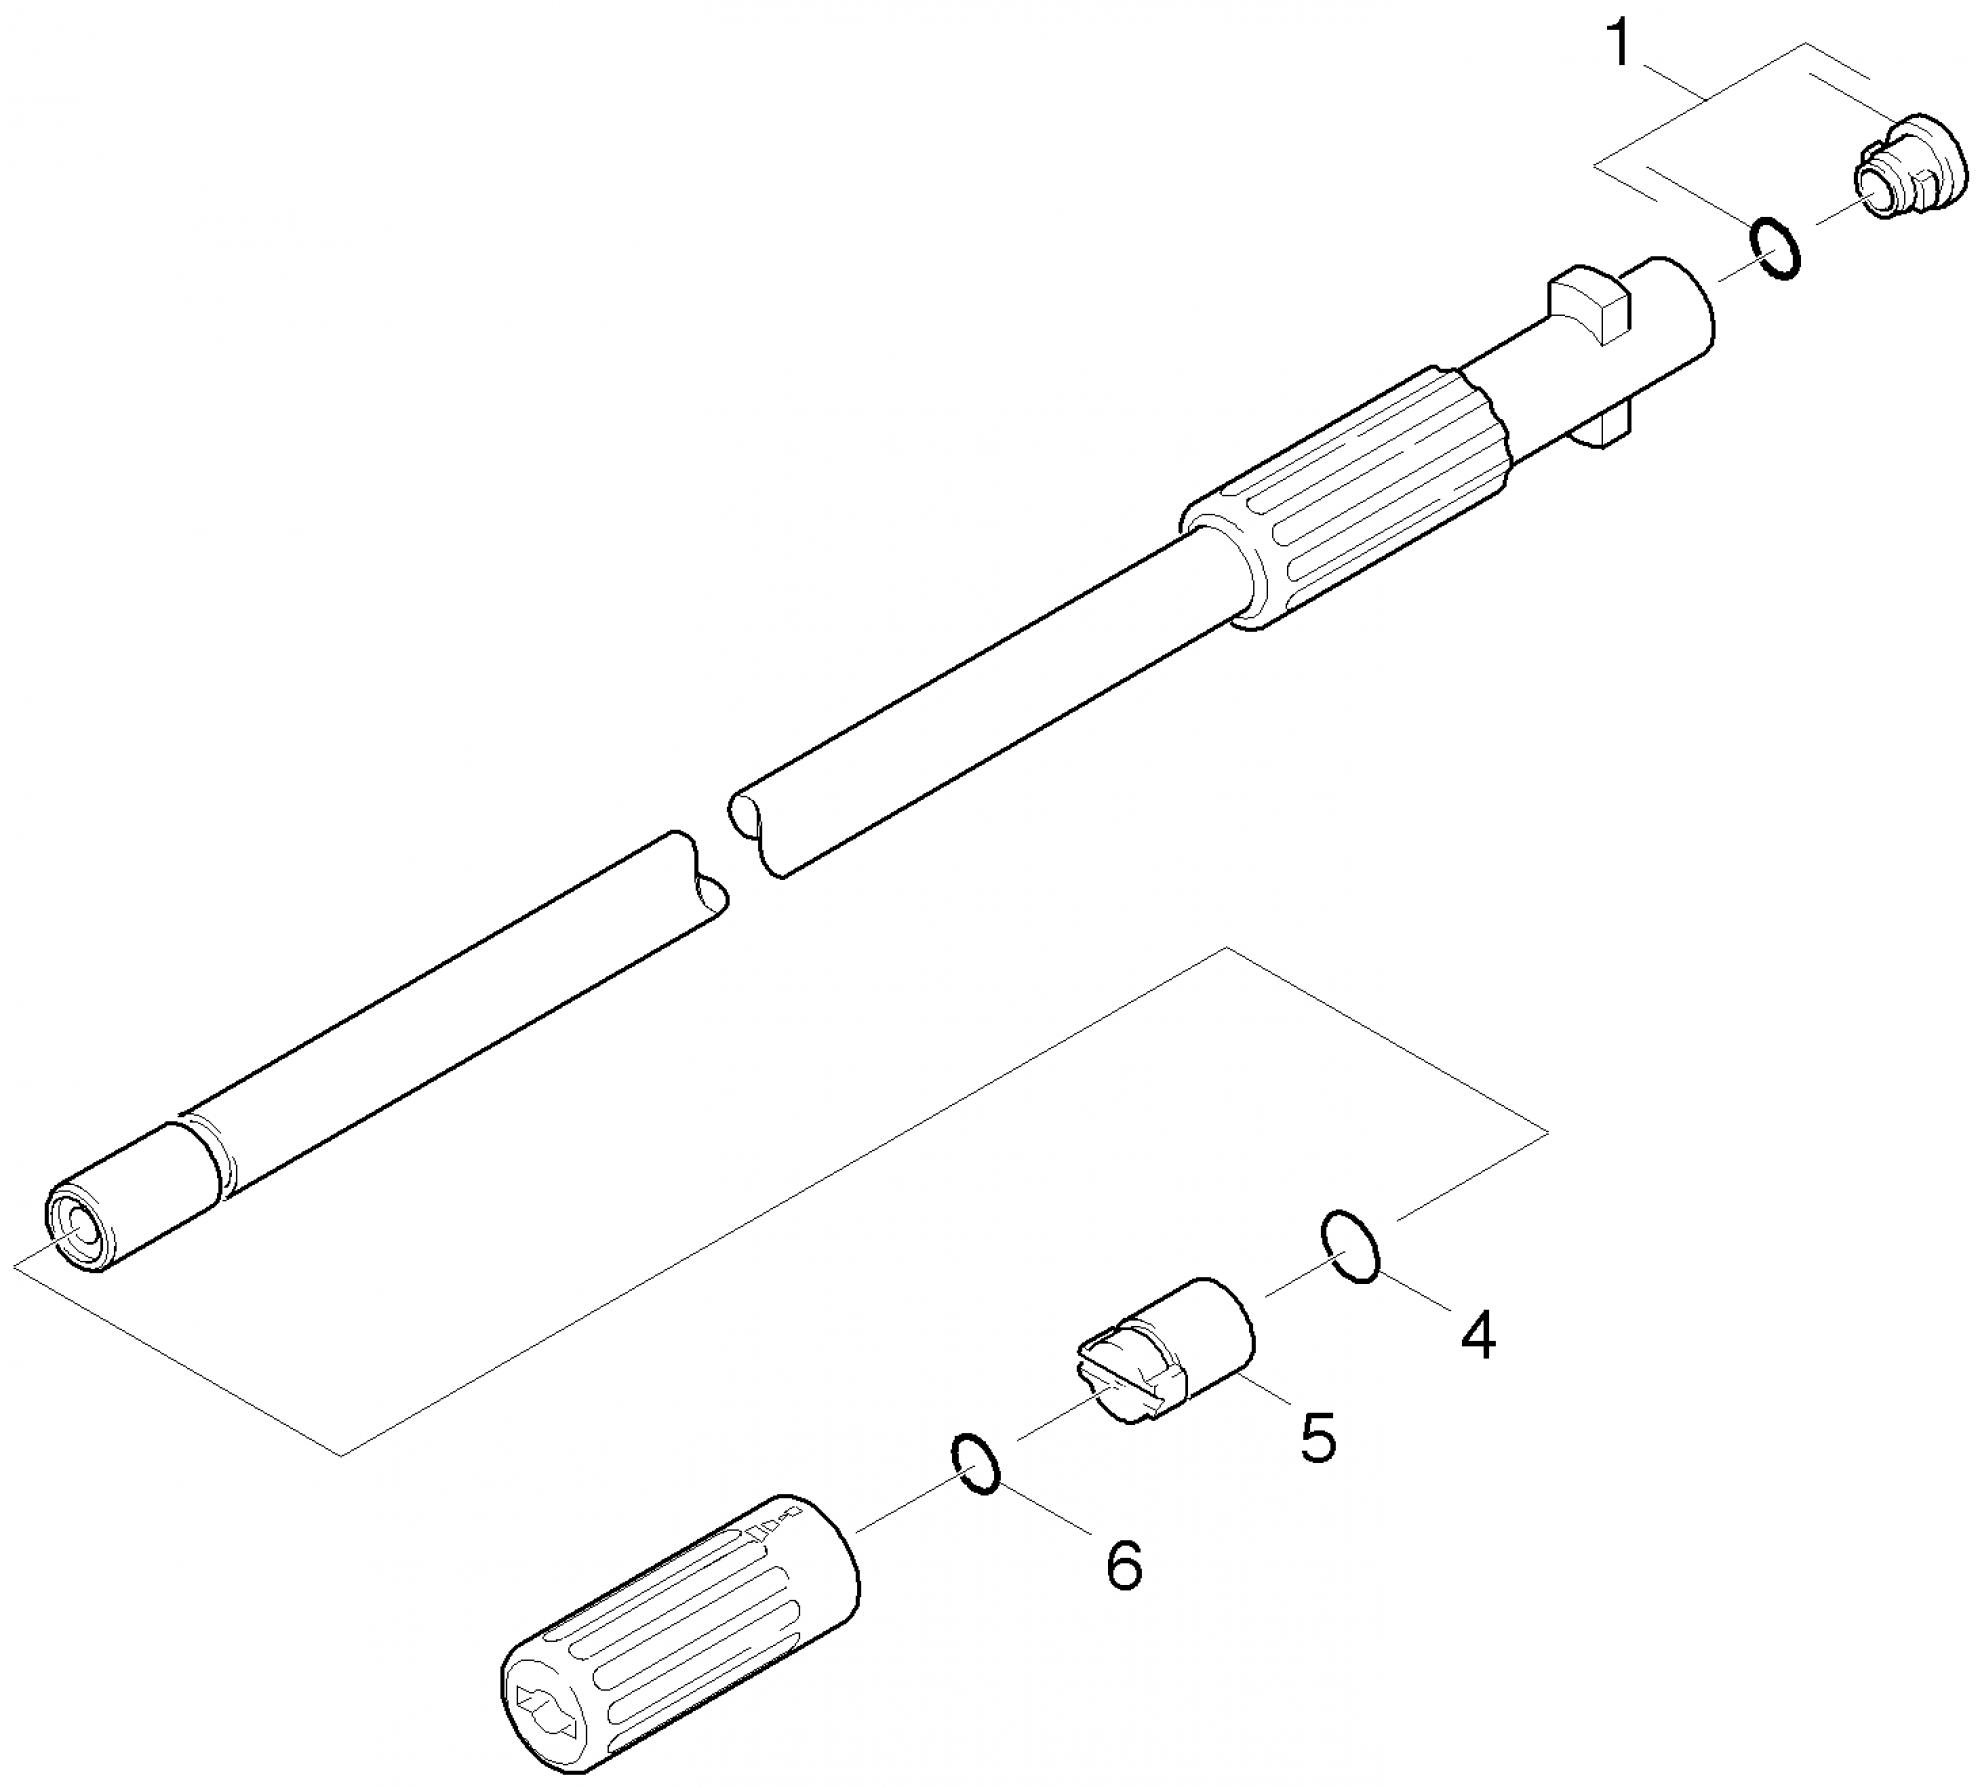 pi ces d tach es nettoyeur haute pression karcher adaptateur b. Black Bedroom Furniture Sets. Home Design Ideas